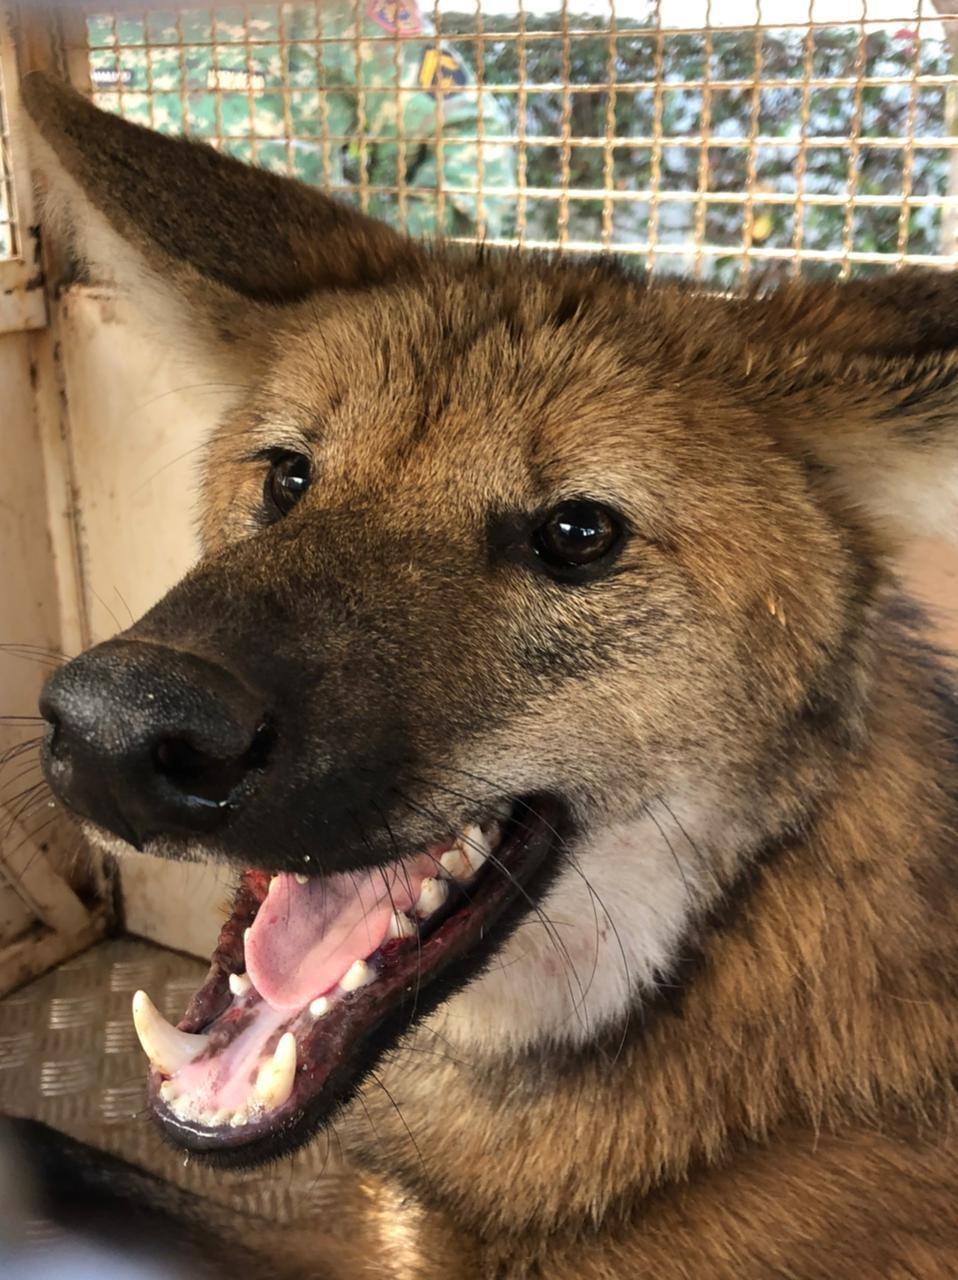 Lobo-guará resgatado em casa no Bairro Minas Gerais é solto na natureza após tratamento em Uberlândia; veja vídeo